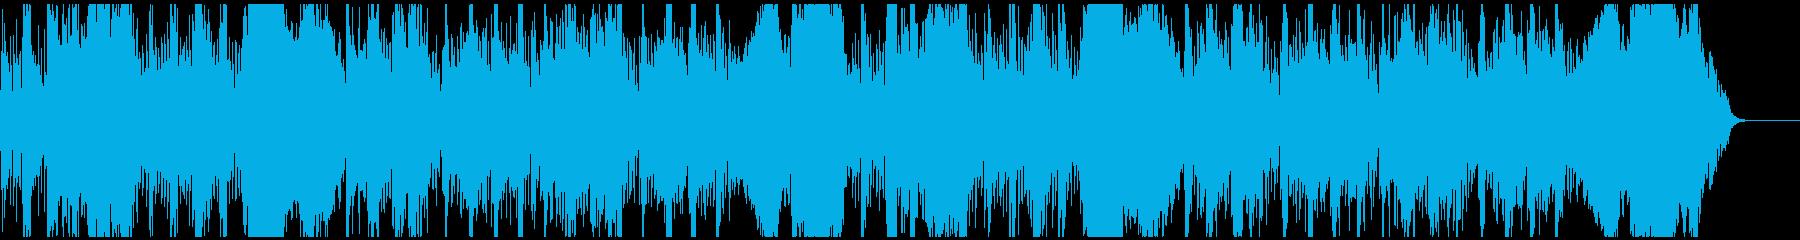 声無し版始まりを予感させるオーケストラの再生済みの波形